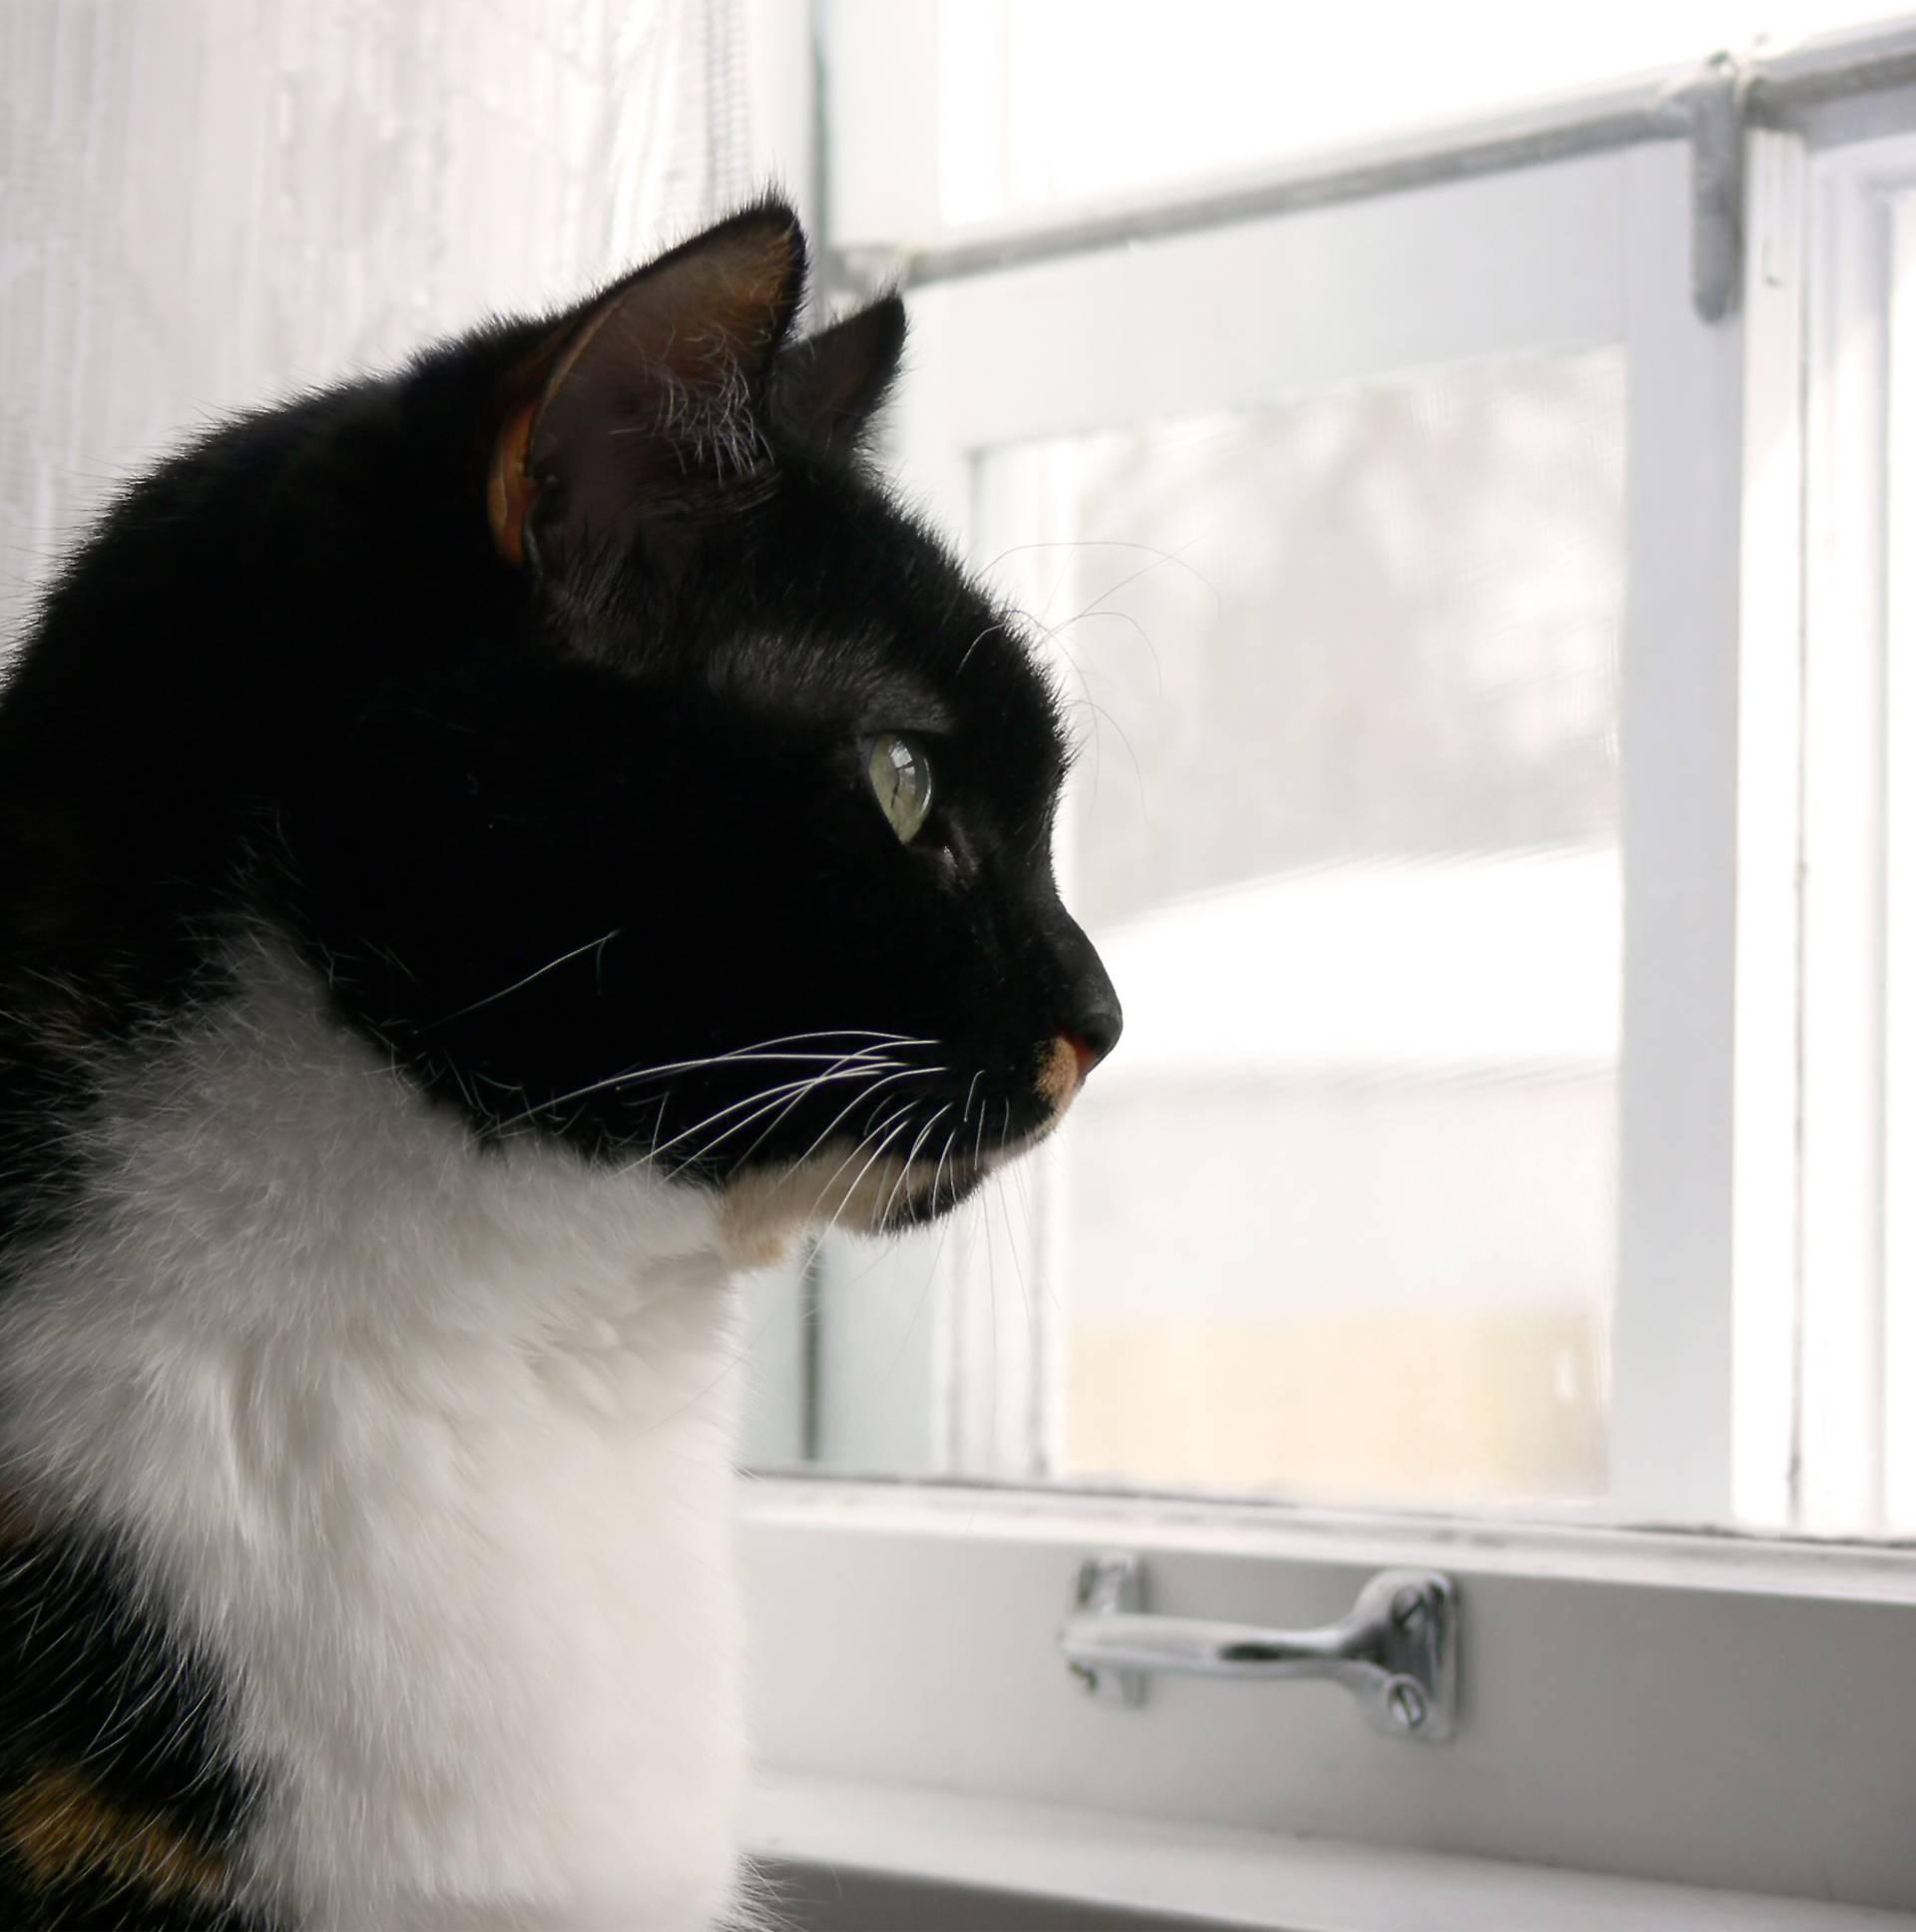 Mačke znaju kada su zli duhovi u kući i upozoravaju vas na to